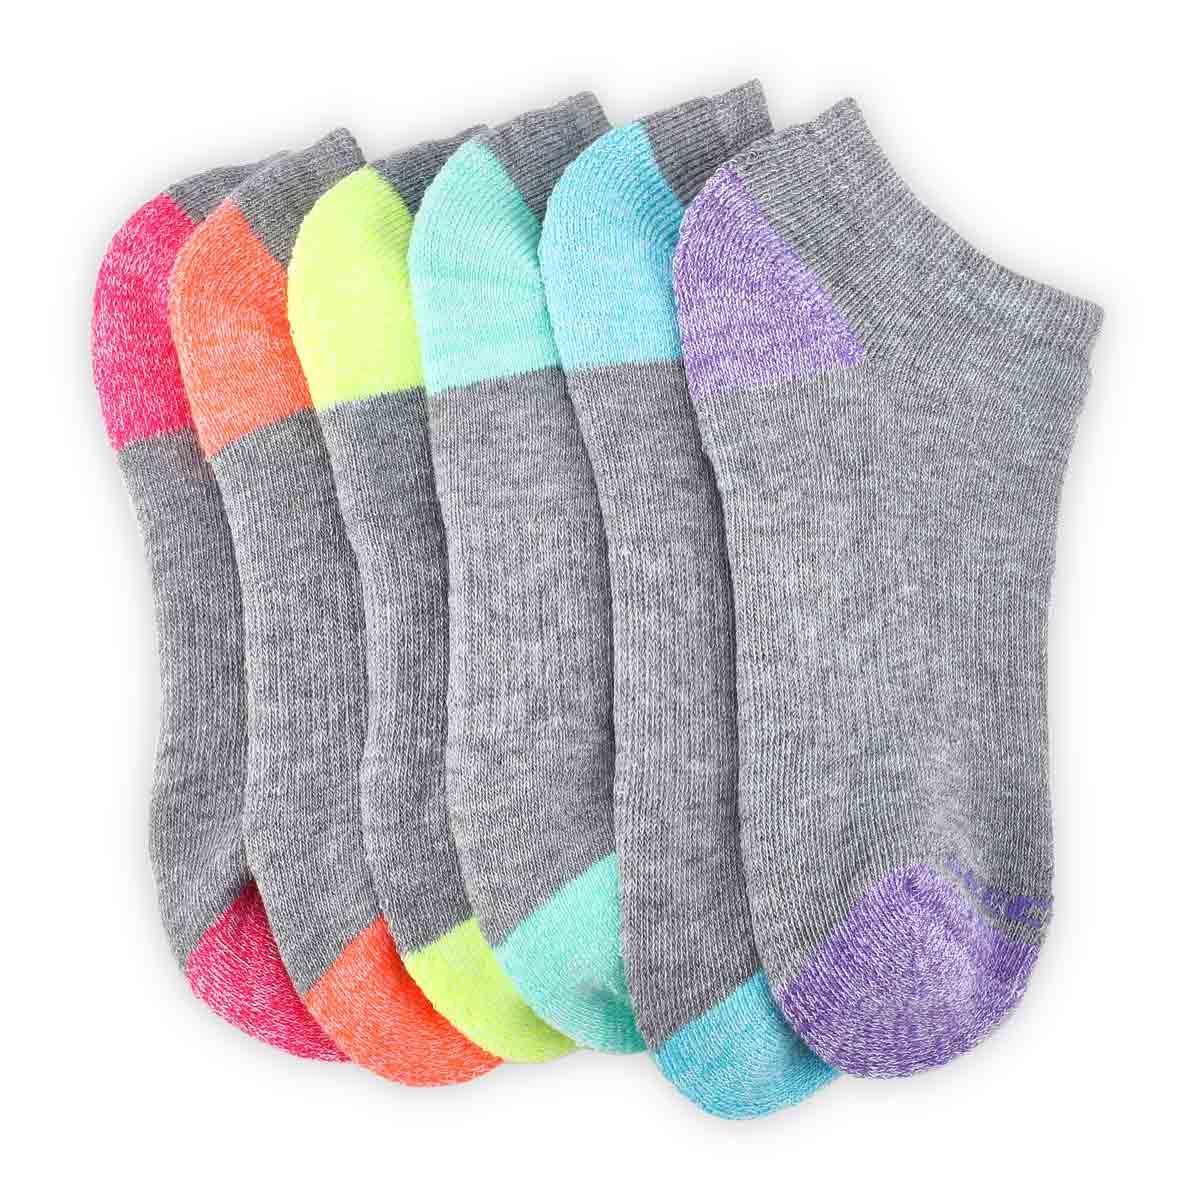 Girls' NO SHOW FULL TERRY MED grey socks - 6 pk